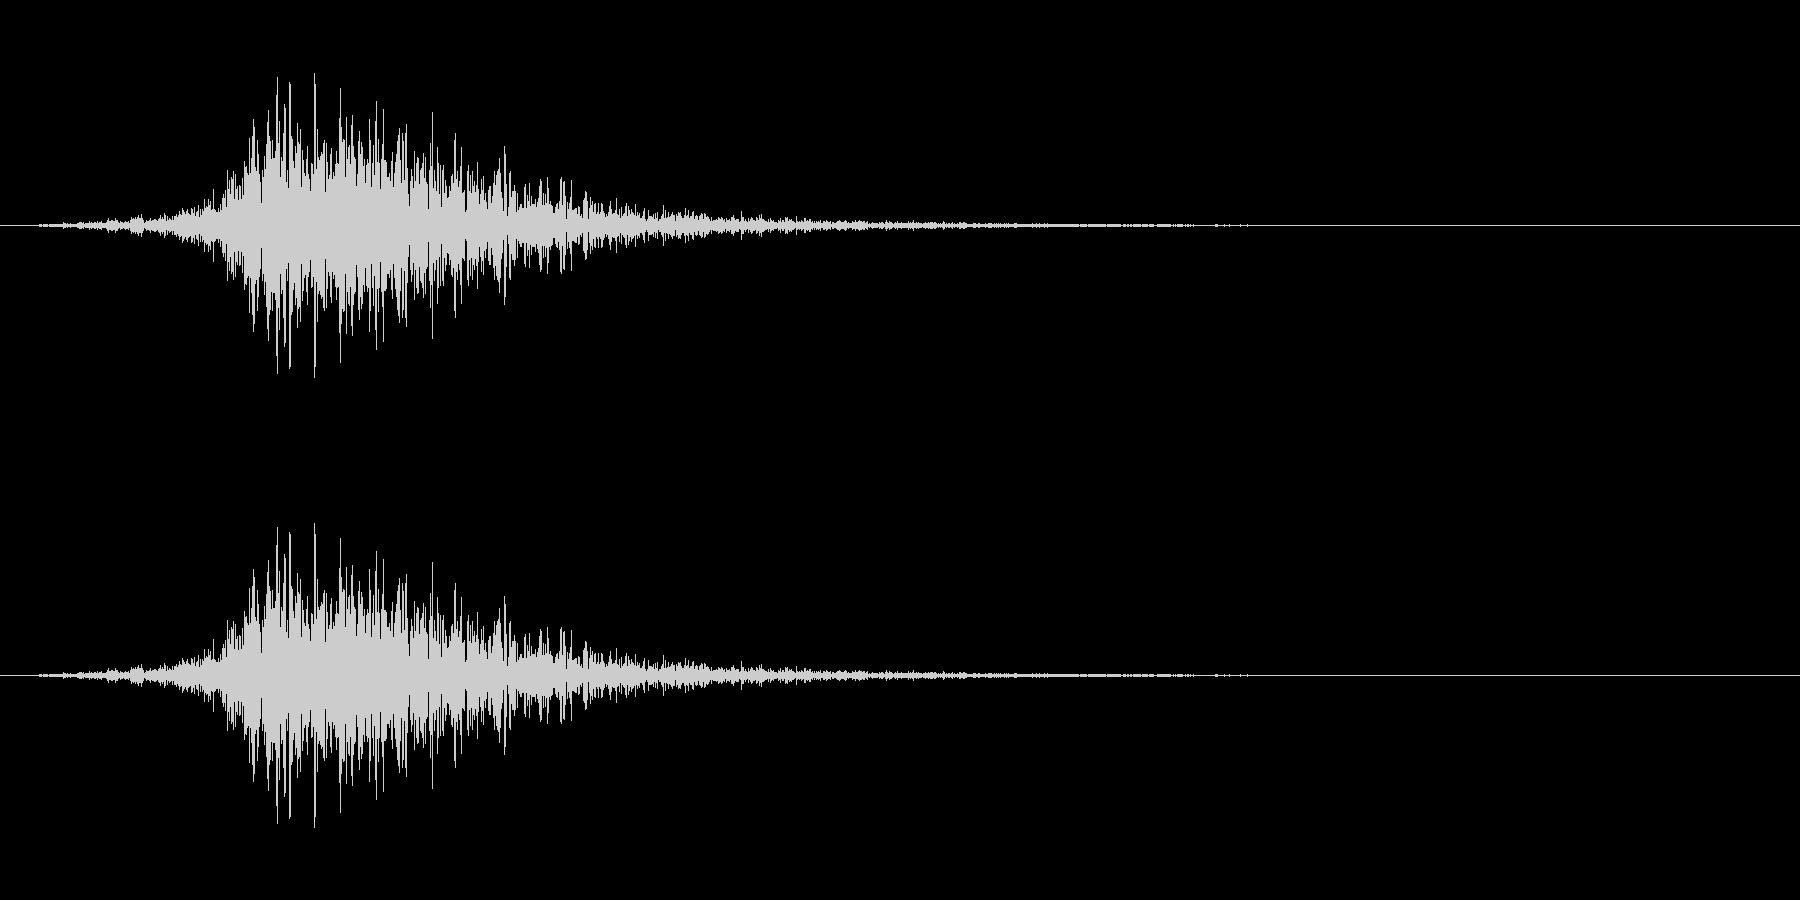 シューッという音EC02_62_2の未再生の波形